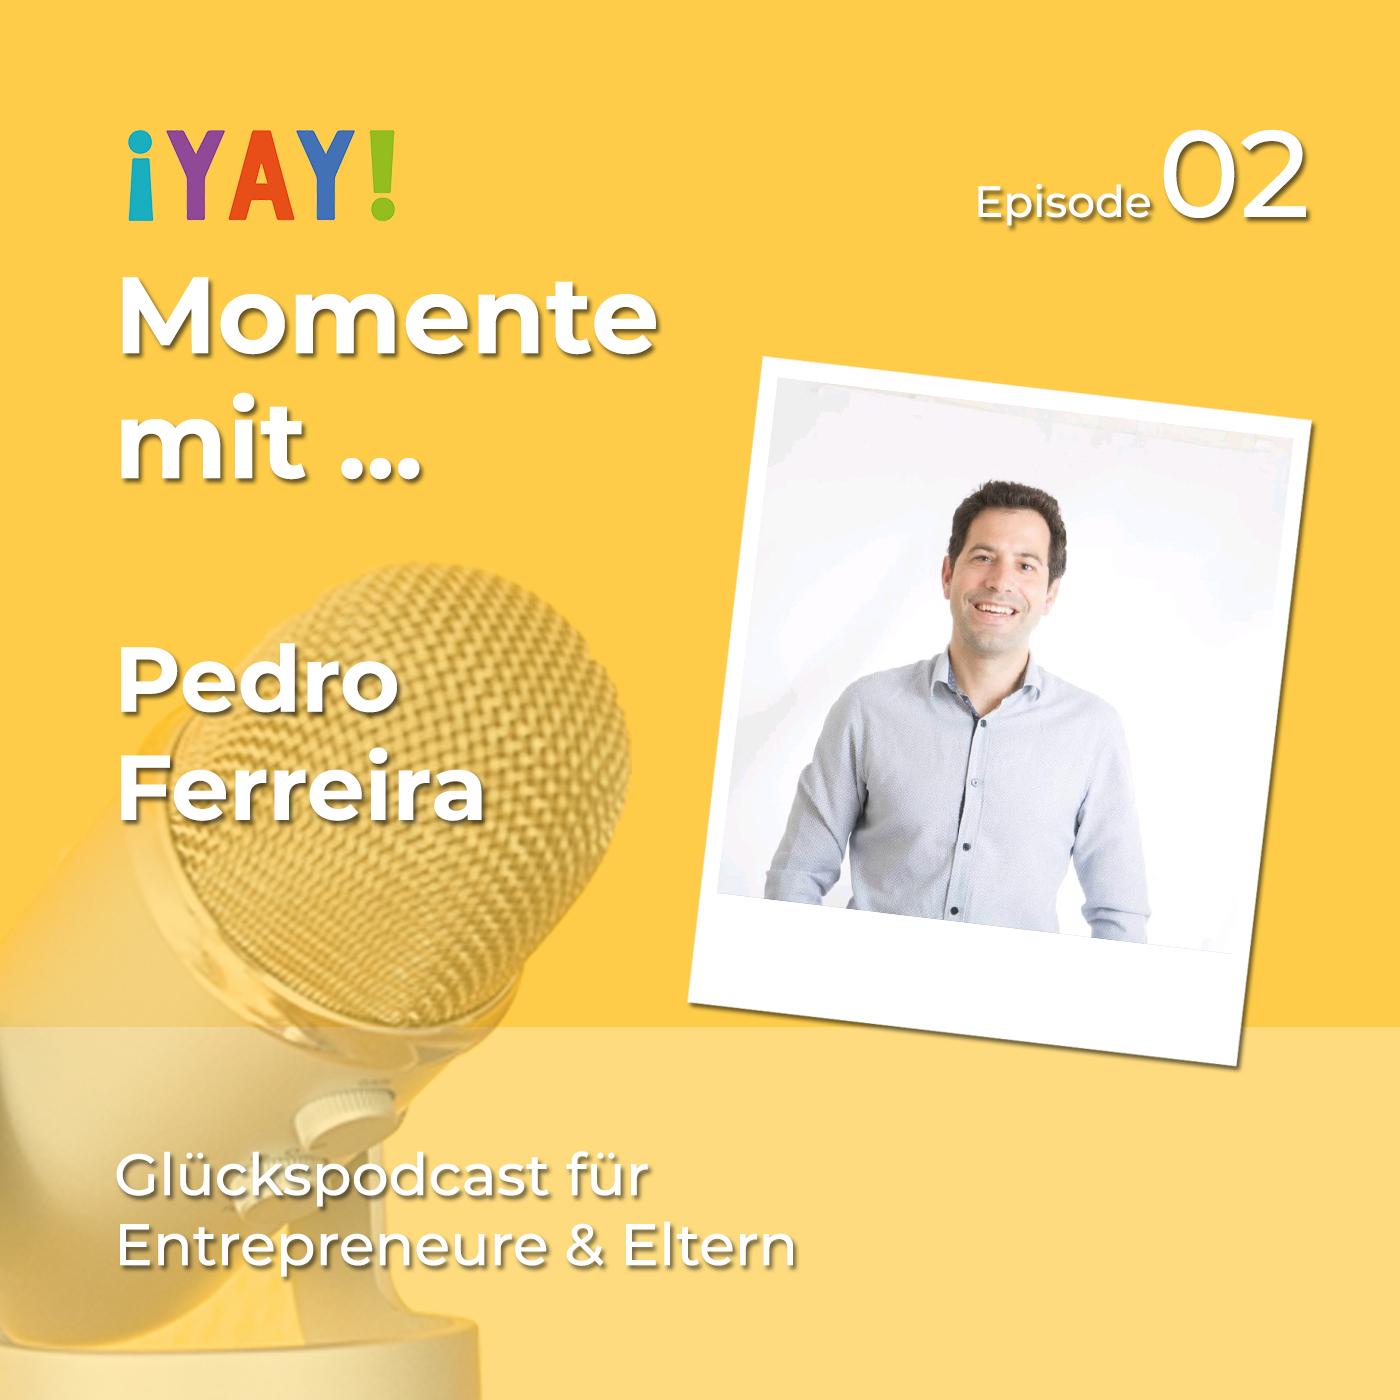 Episode 02: Yay-Momente mit... Pedro Ferreira